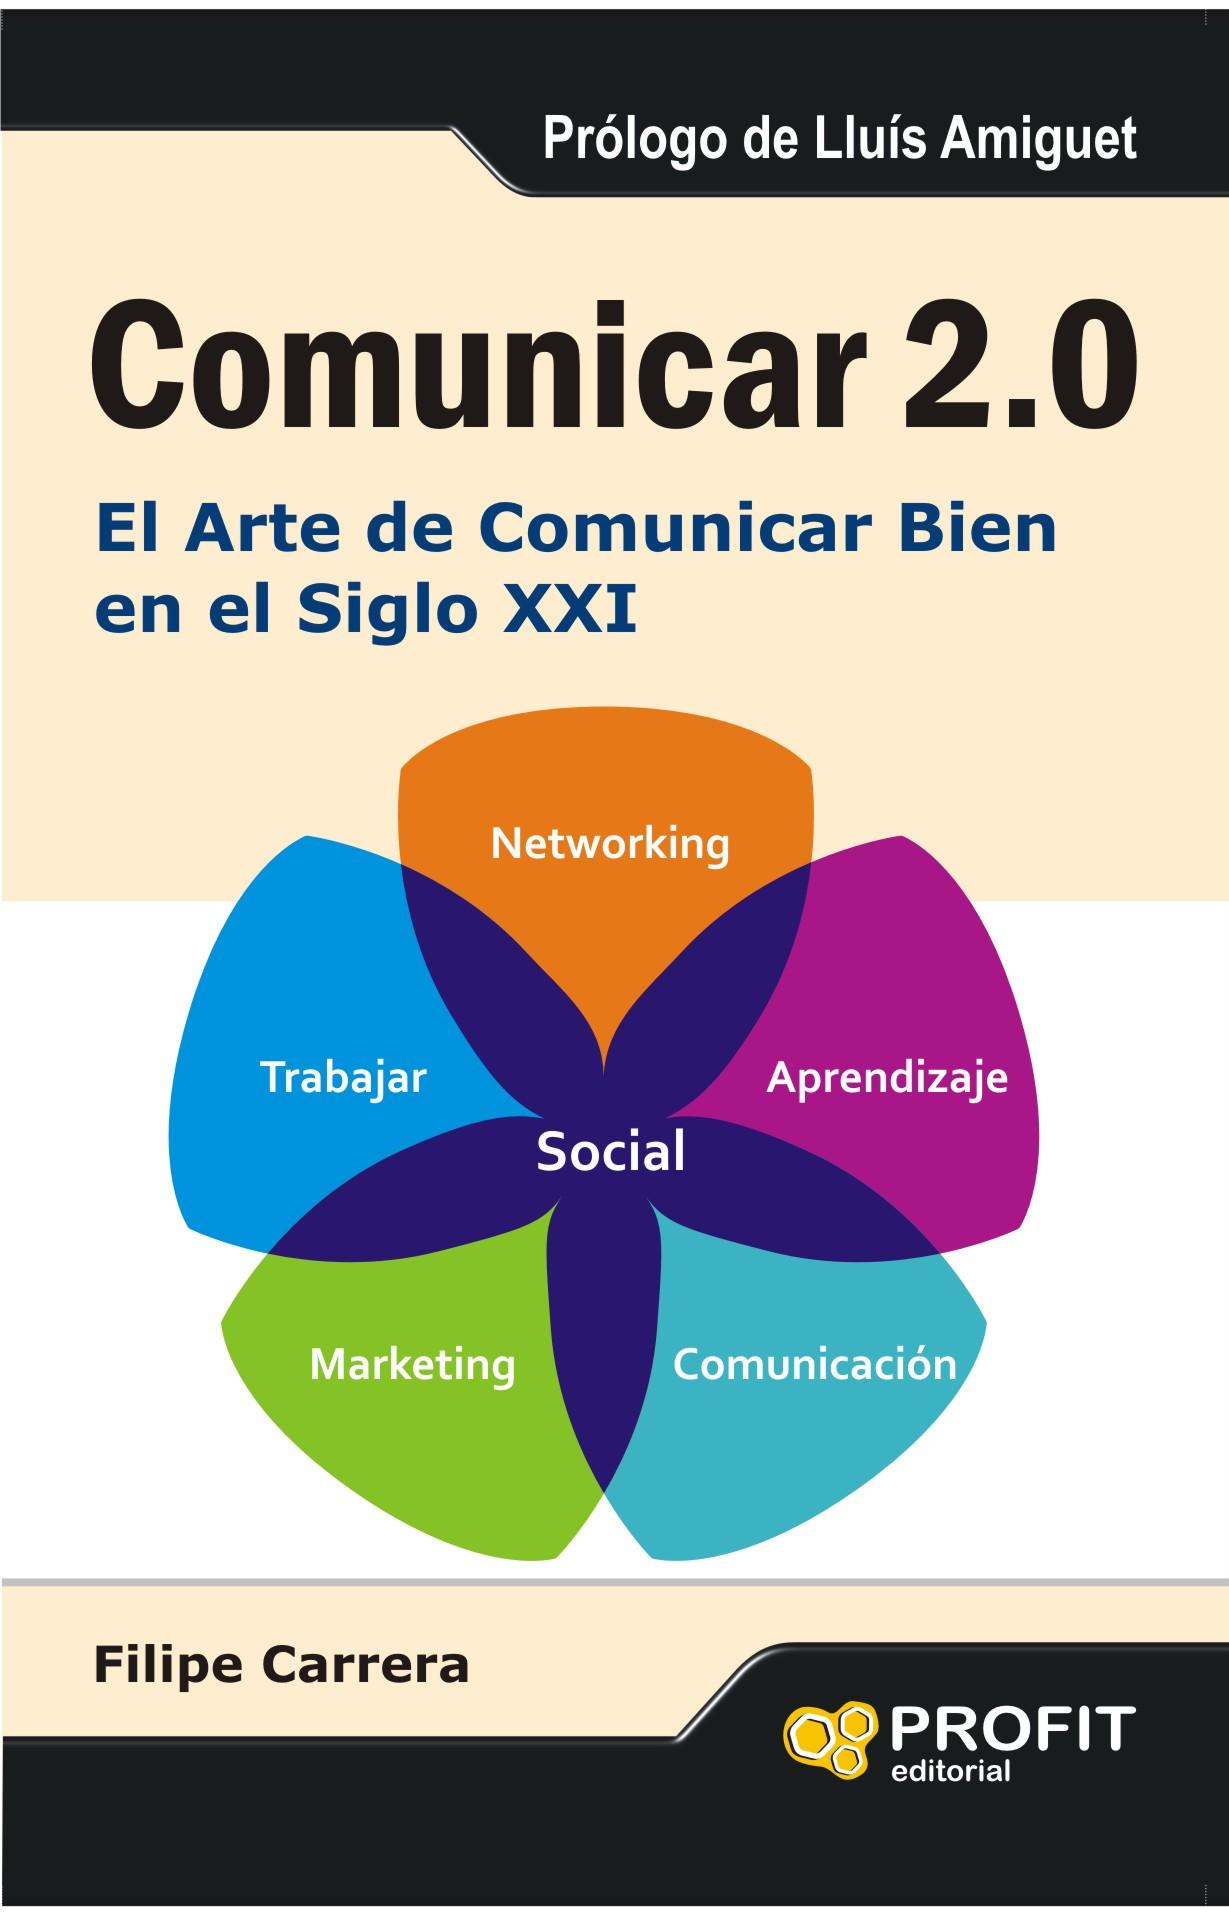 Comunicar 2.0 - El Arte de Comunicar Bien en el Siglo XXI